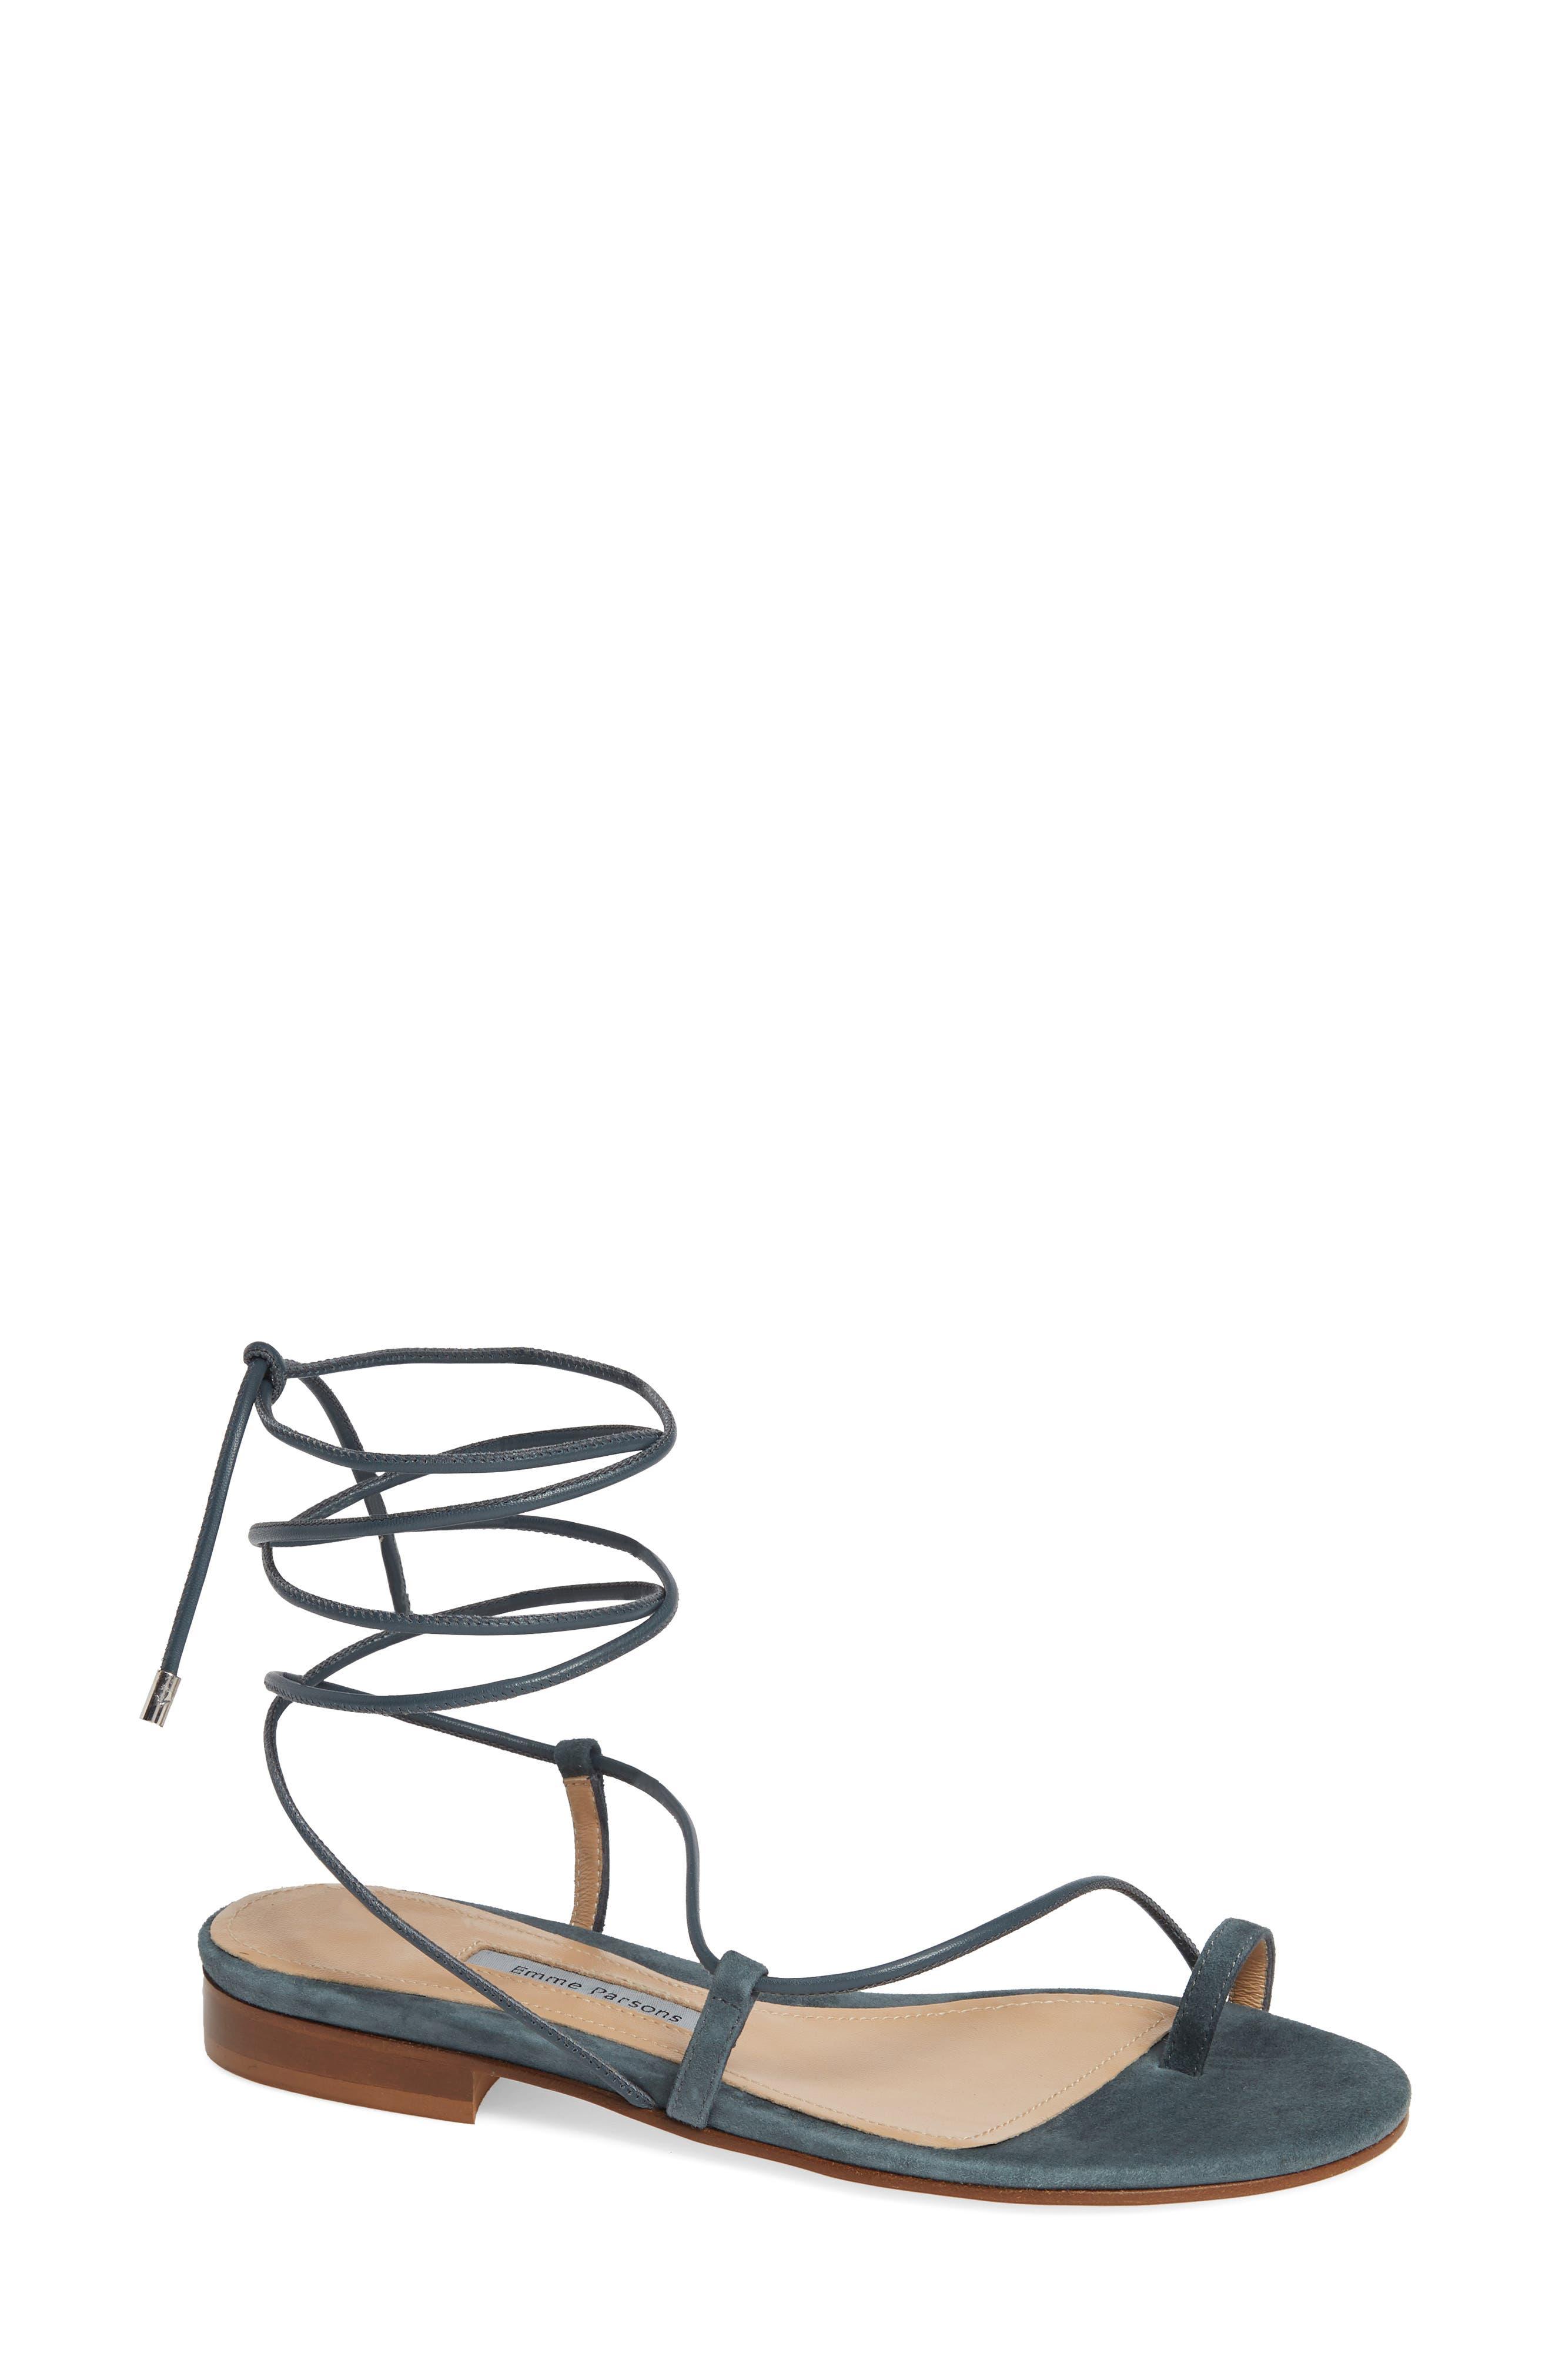 EMME PARSONS Susan Ankle Tie Sandal, Main, color, SLATE